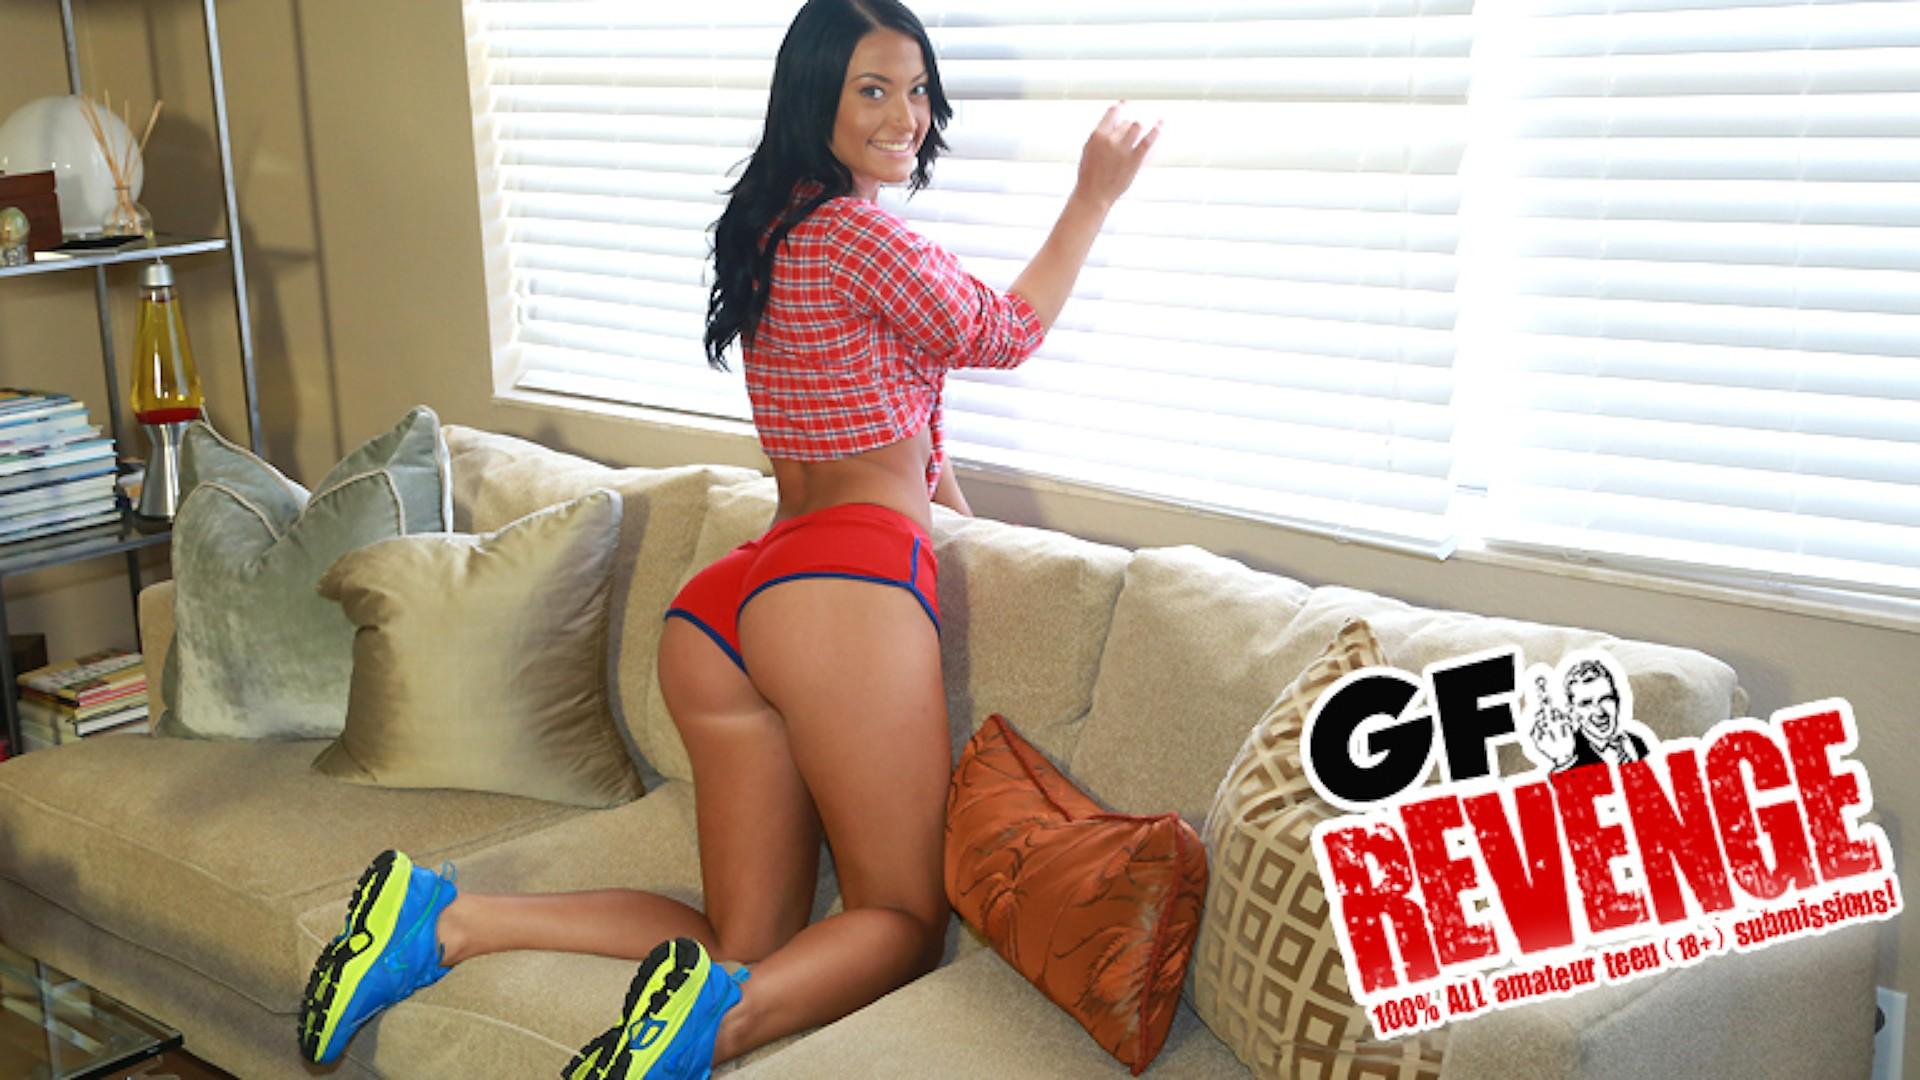 Sporty Girl - GF Revenge